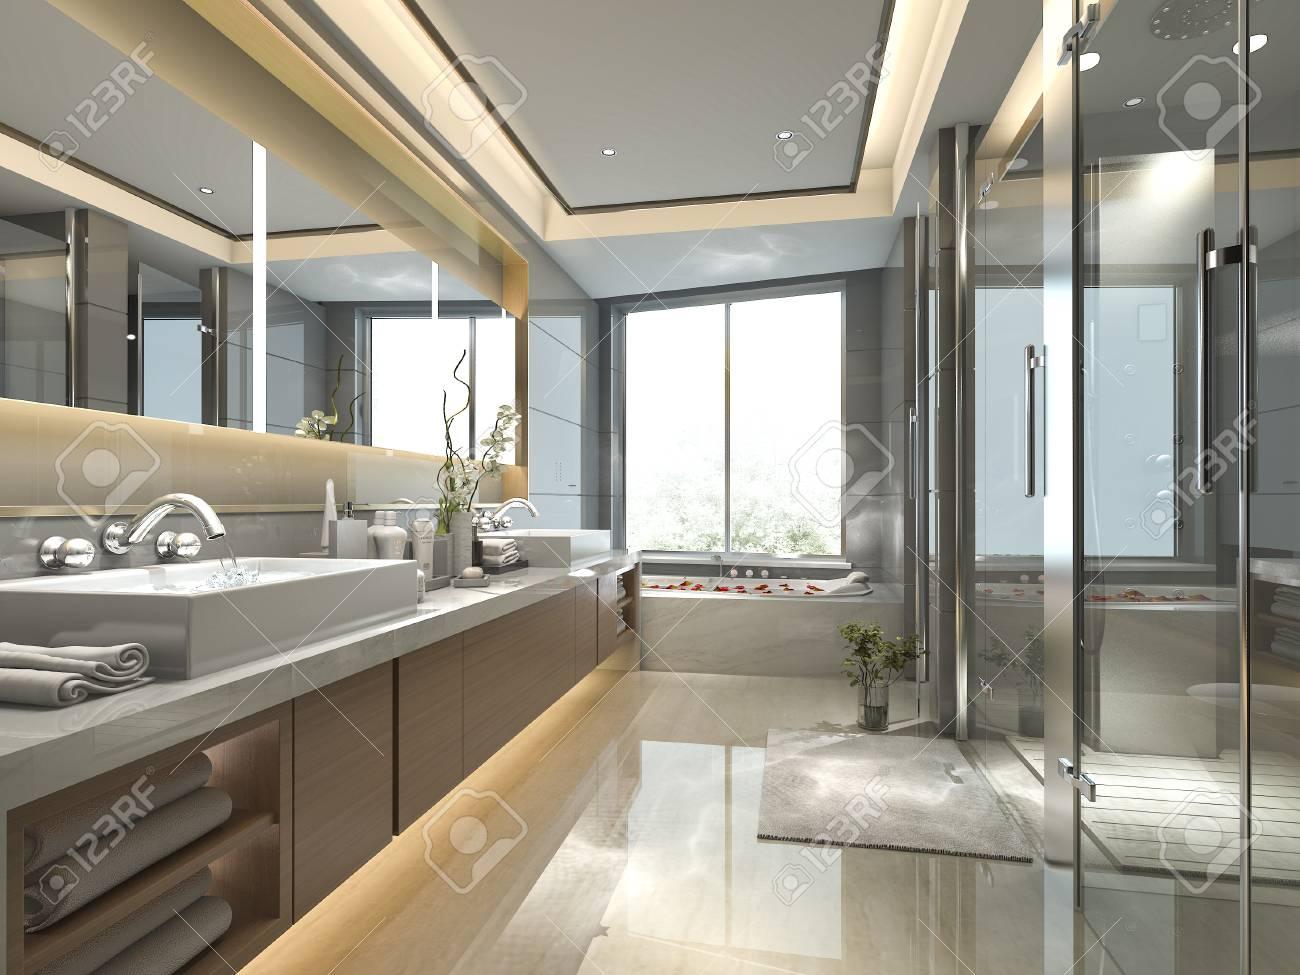 salle de bains classique moderne offrant un decor de carrelage de luxe